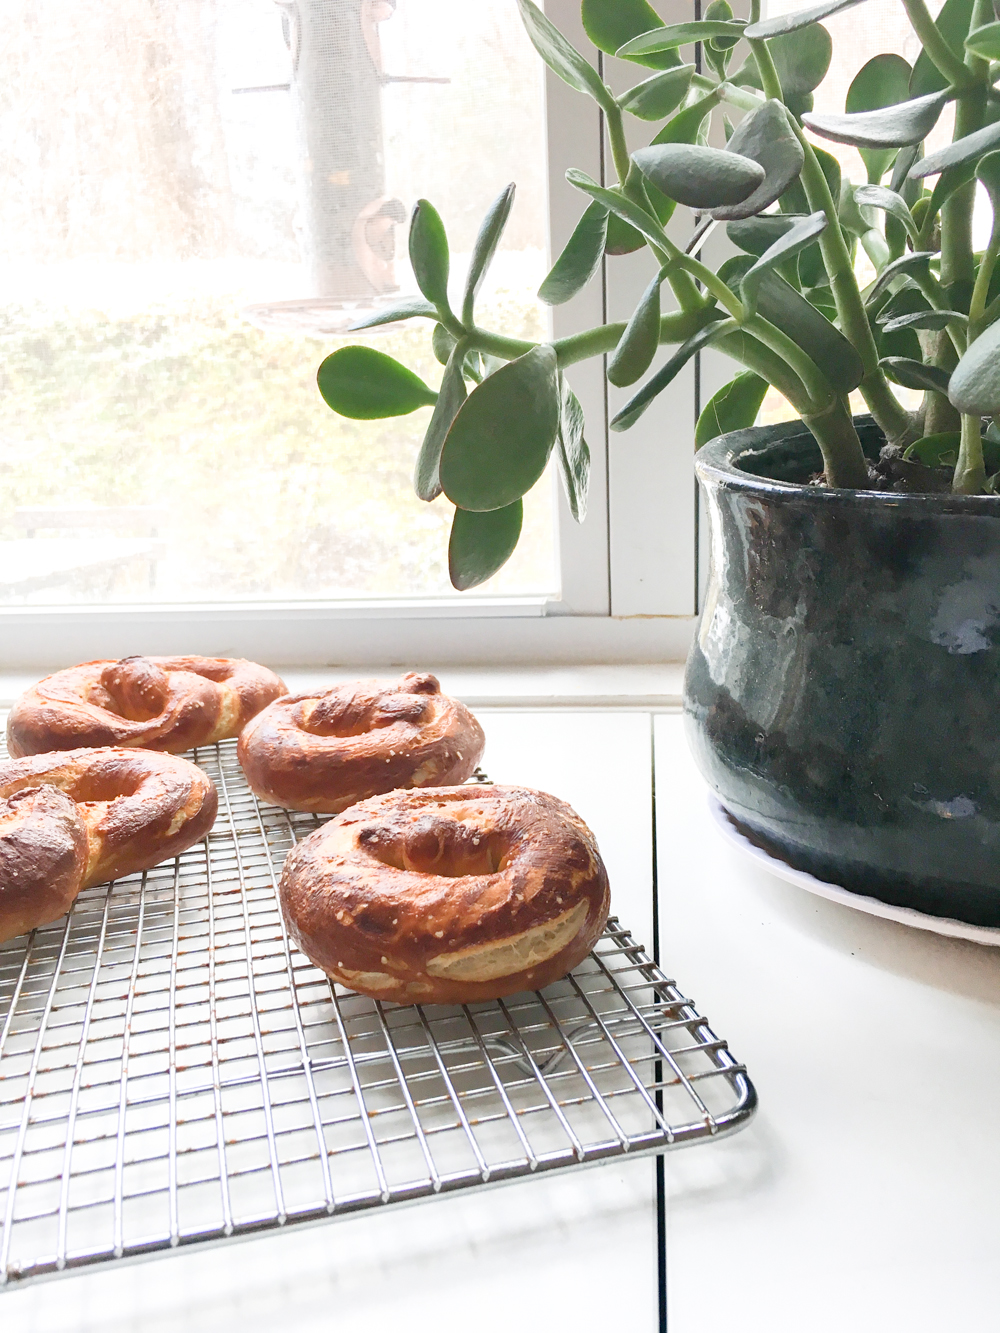 Homemade Soft Pretzel Recipe | Gather Goods Co